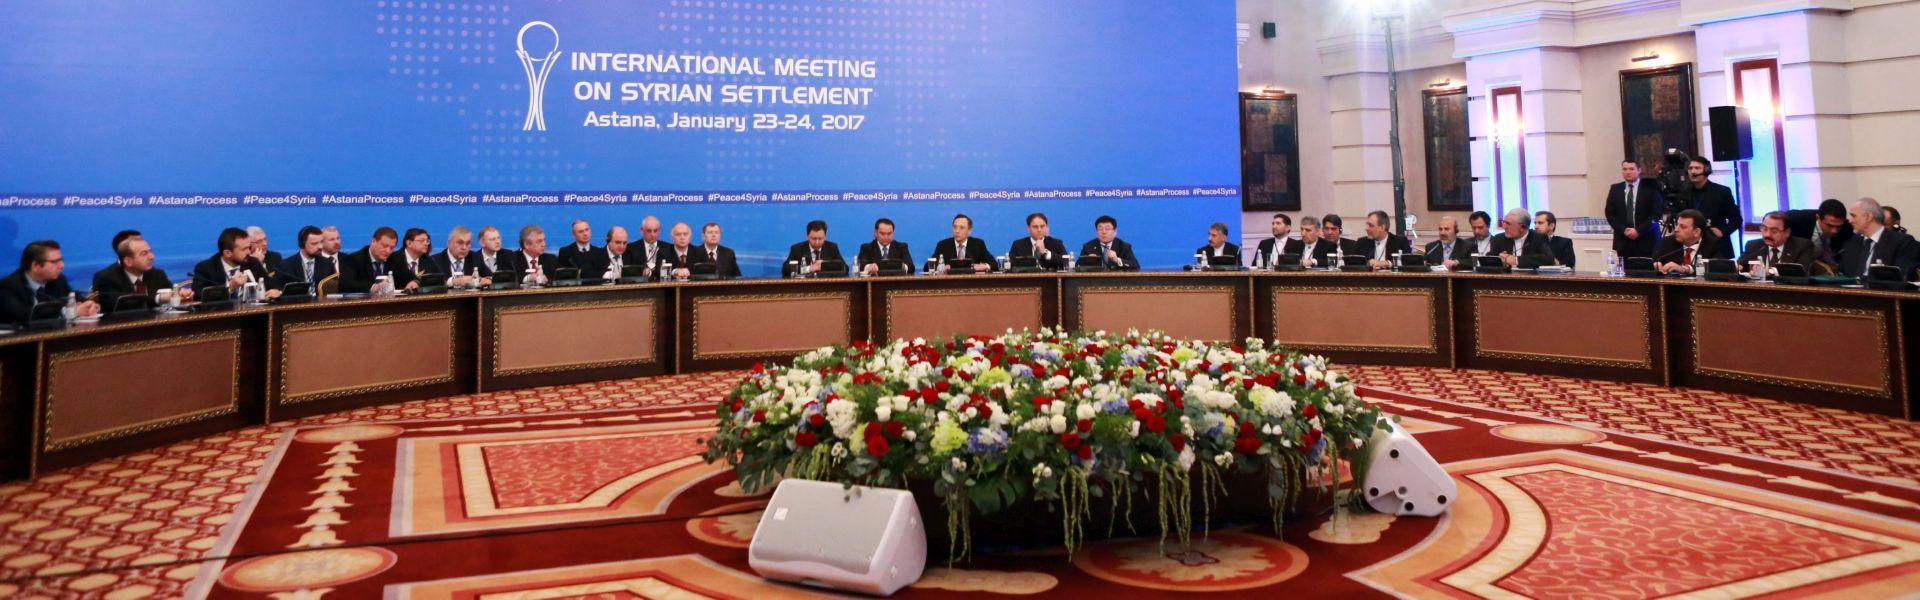 ASTANA: Rusija, Turska i Iran učvrstili sporazum o prekidu vatre u Siriji